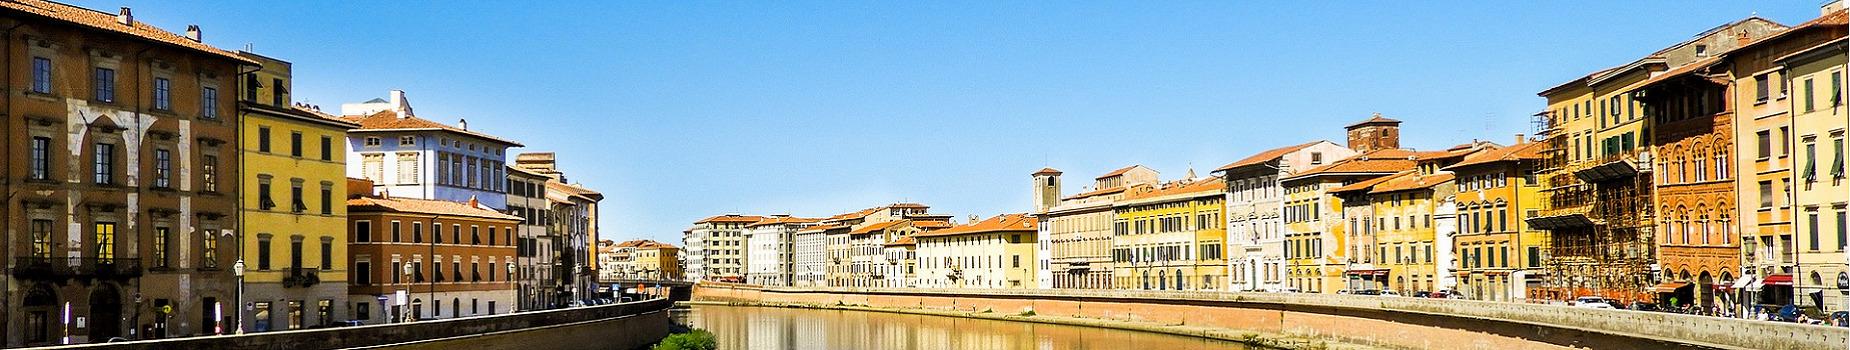 Hotels boeken bij Pisa Airport